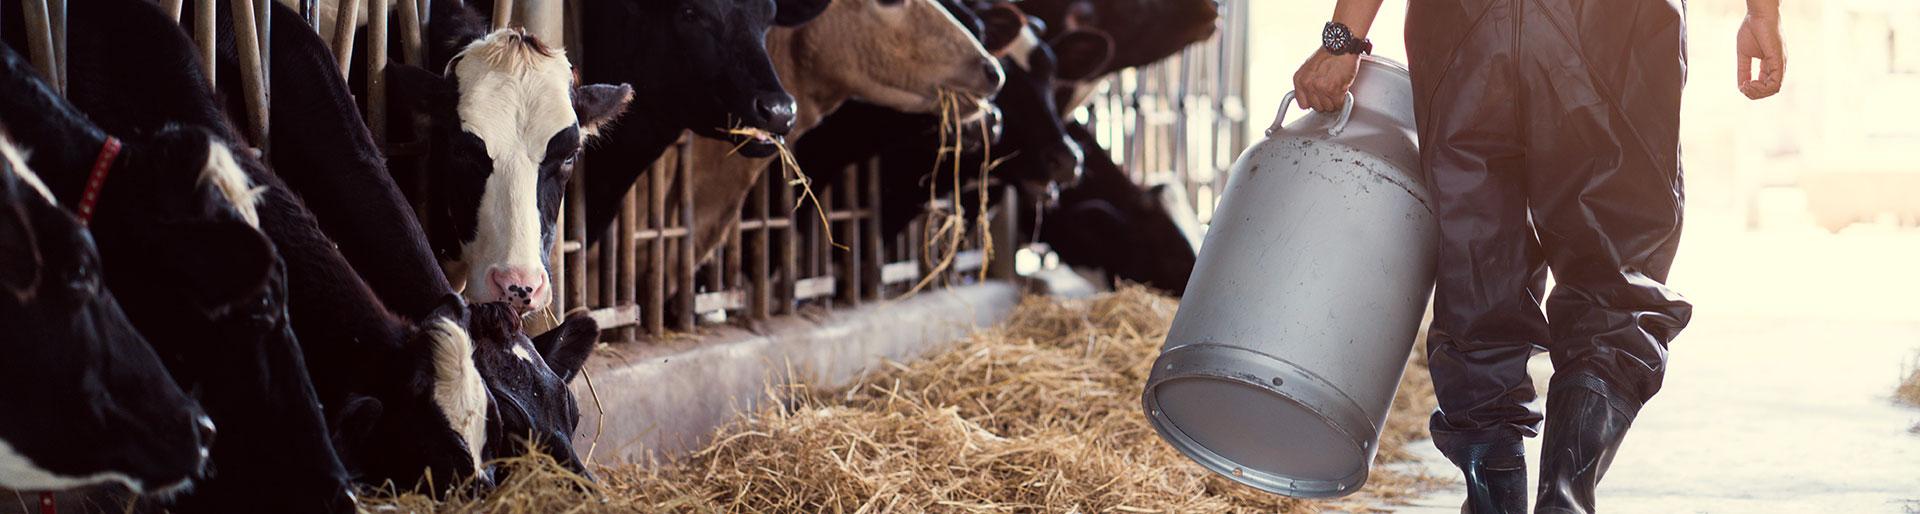 BPA TPA - Homme avec des vaches